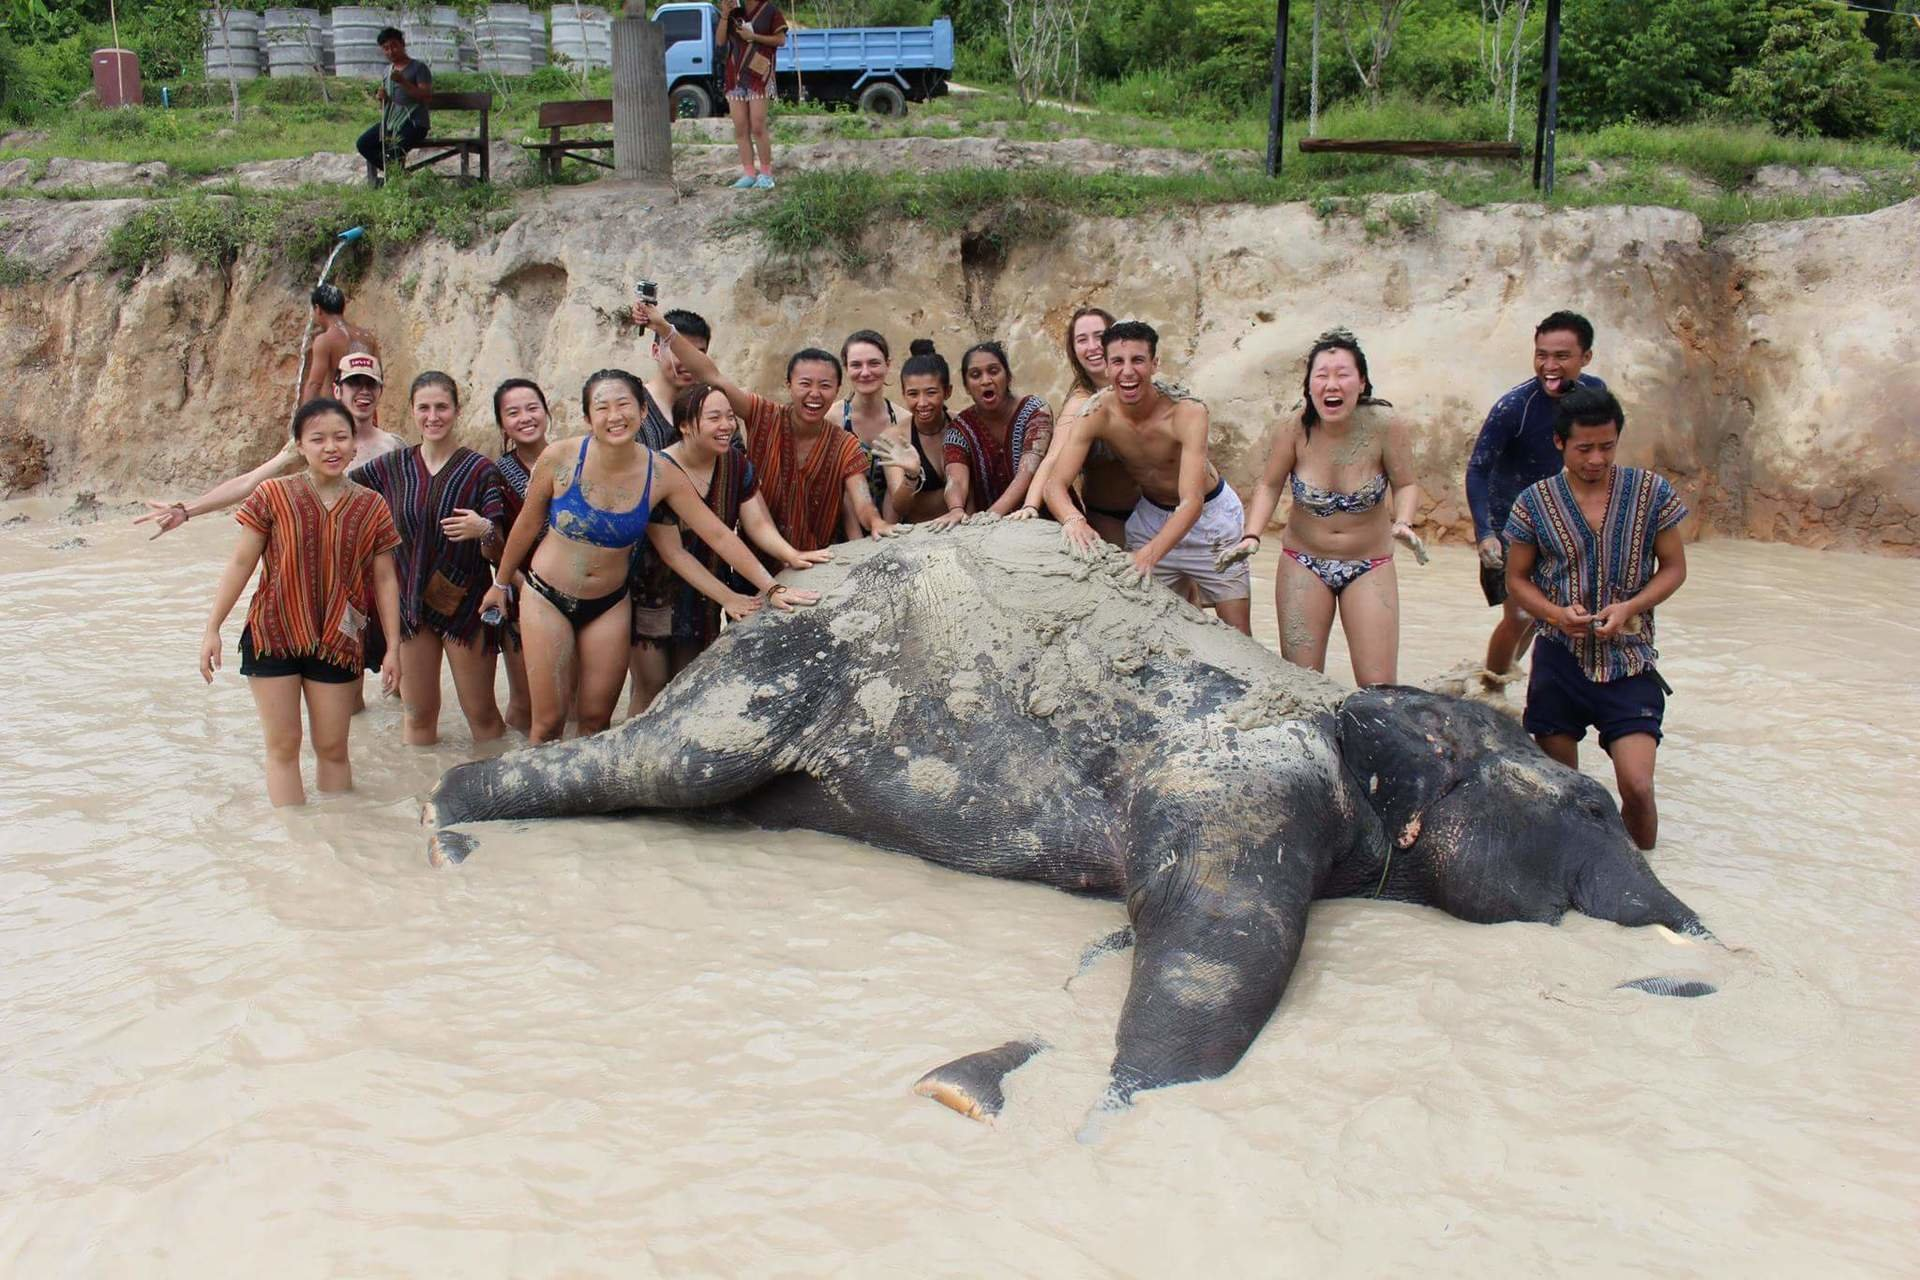 Czy też widzisz martwego słonia na tym zdjęciu?